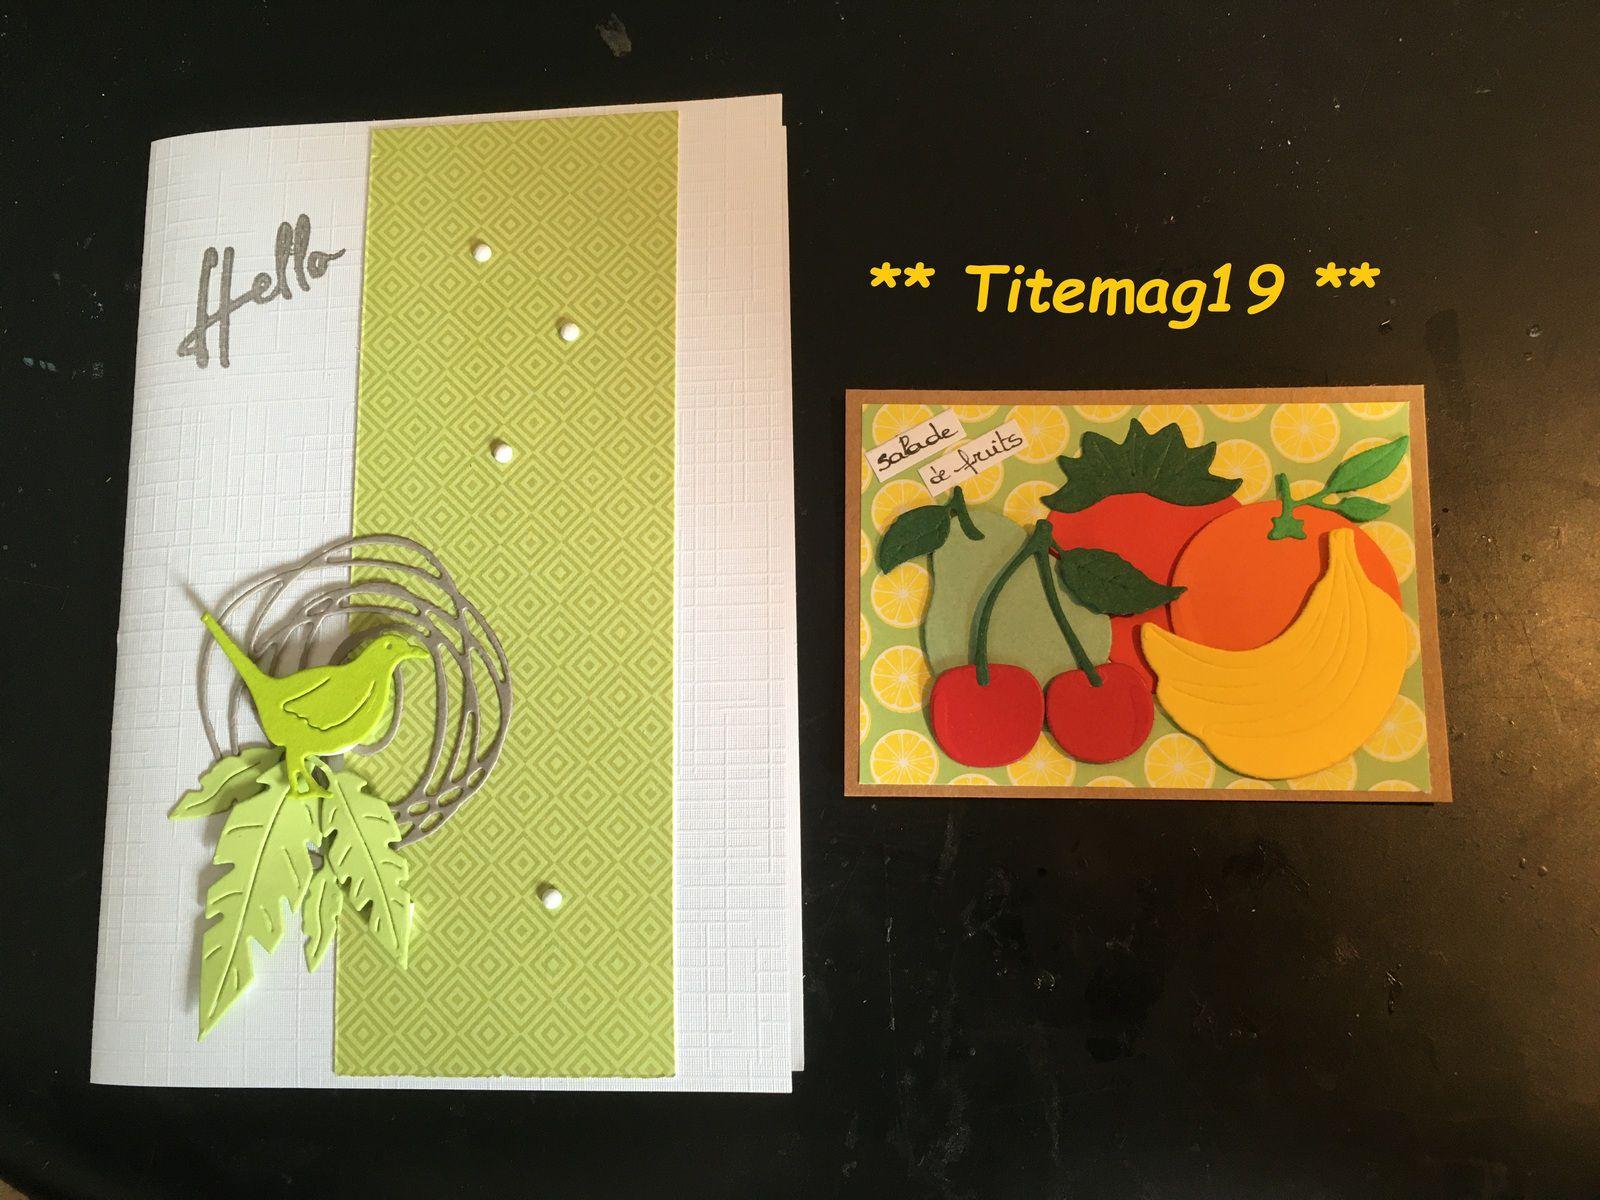 titemag19 pour brigitte59